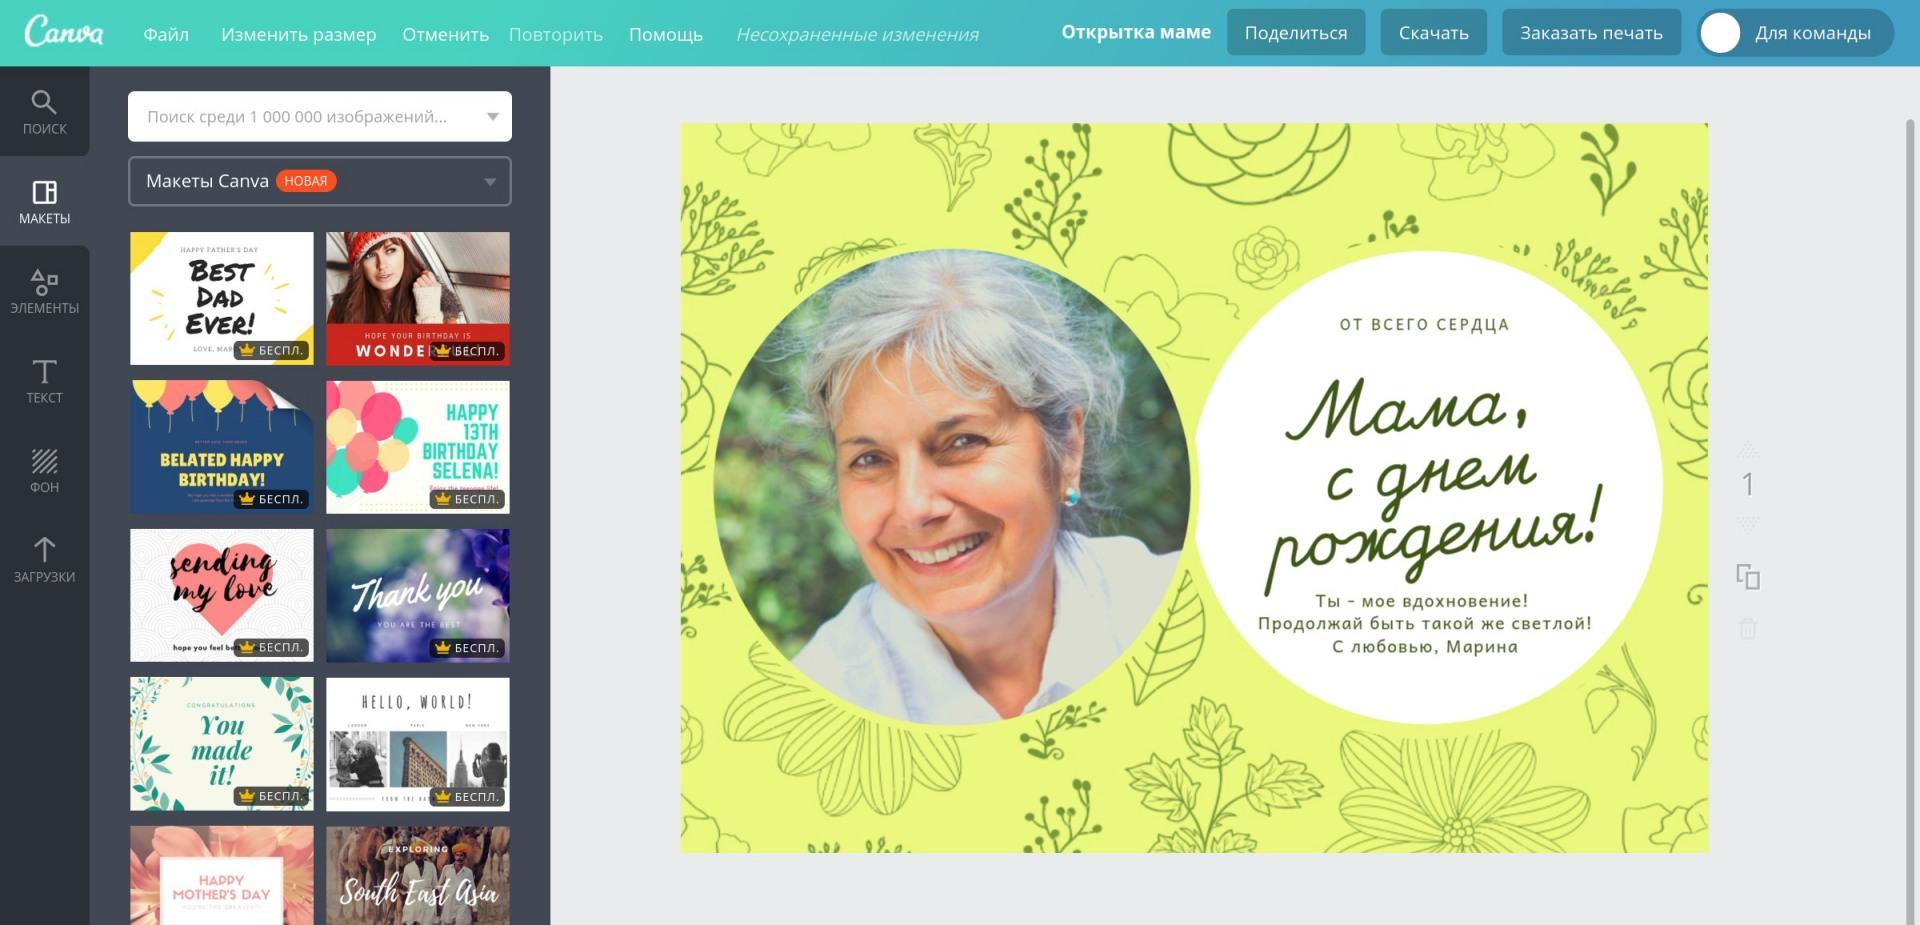 Дизайн открытки с днем рождения маме на русском языке в редакторе Canva